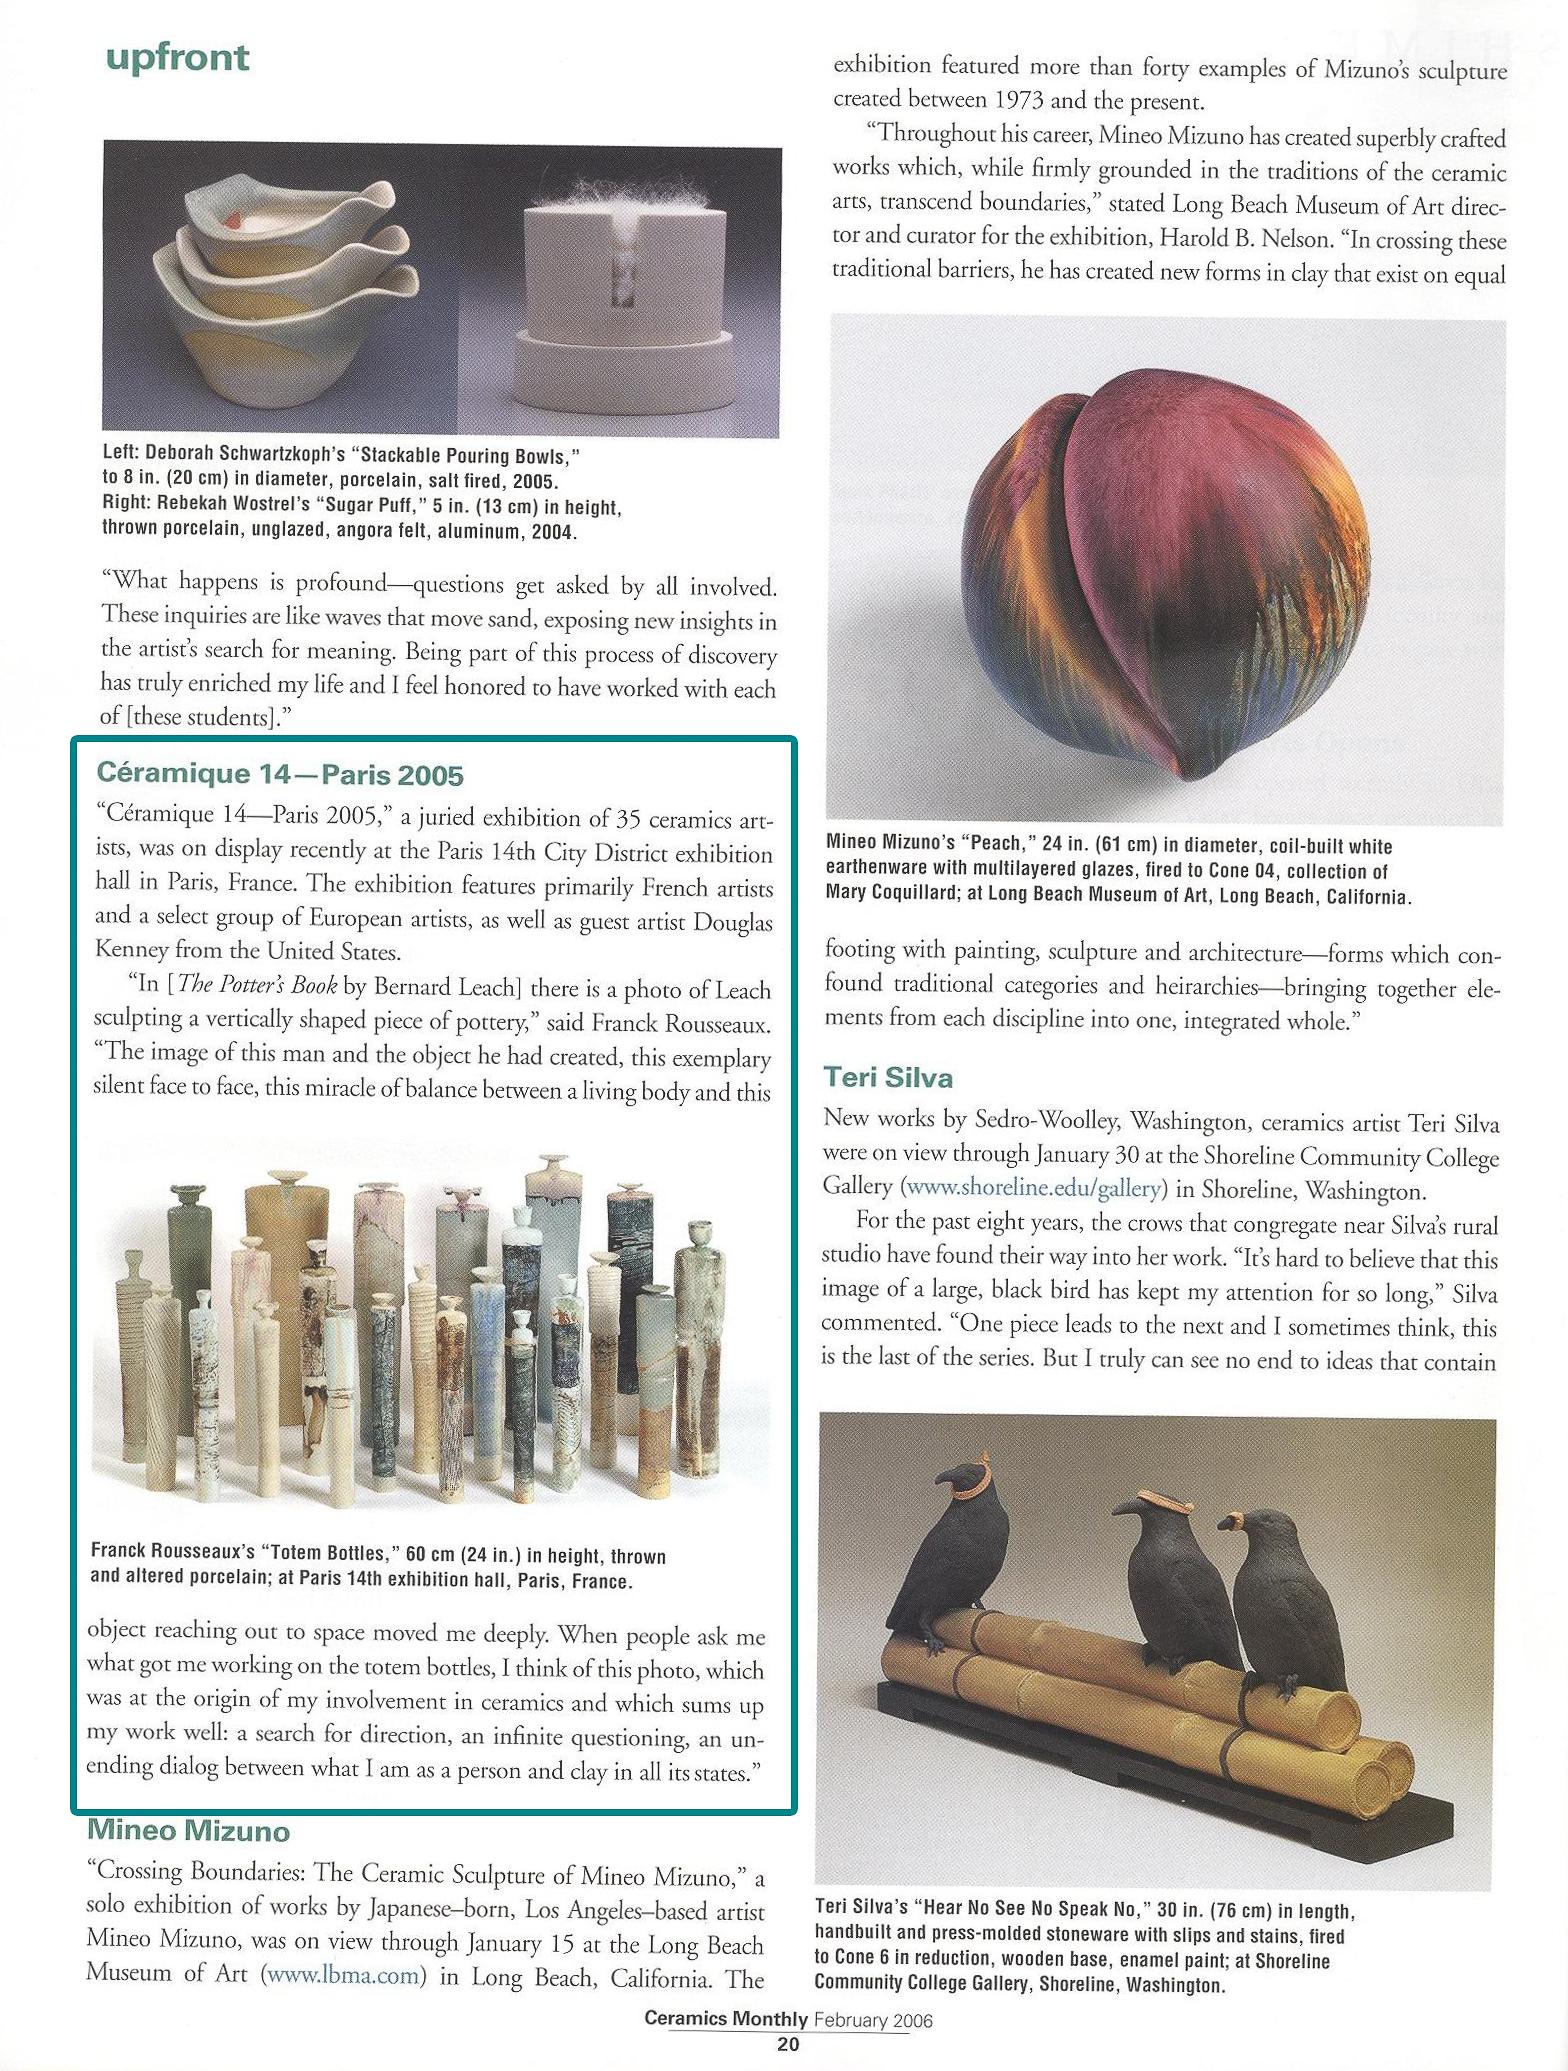 ceramique 14 press-10.jpg